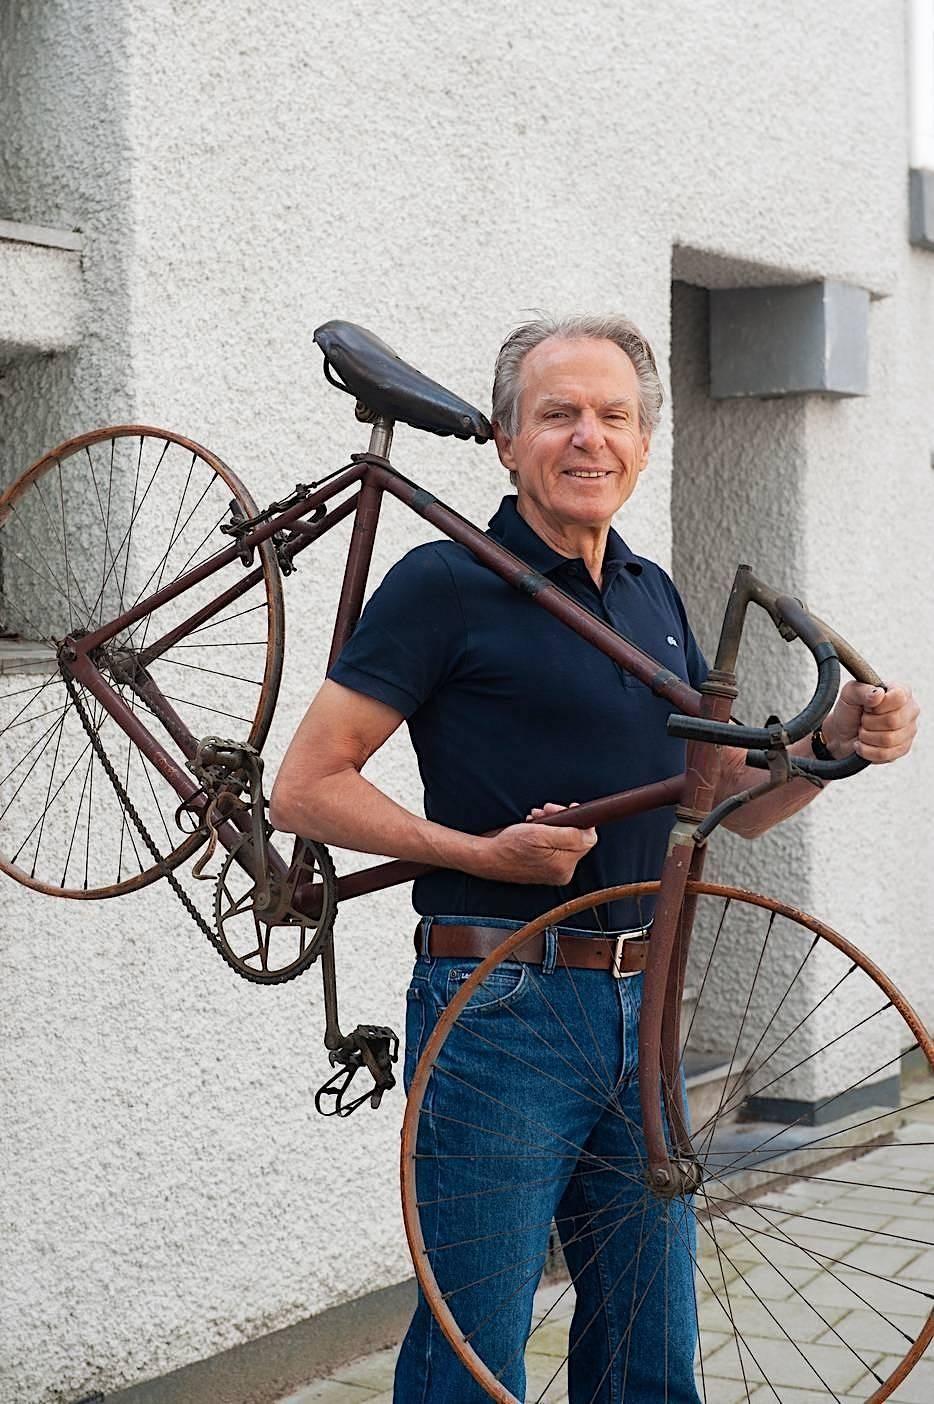 Andre Stuyfersant RIH racefiets sport fietsen jubileum 100 jaar